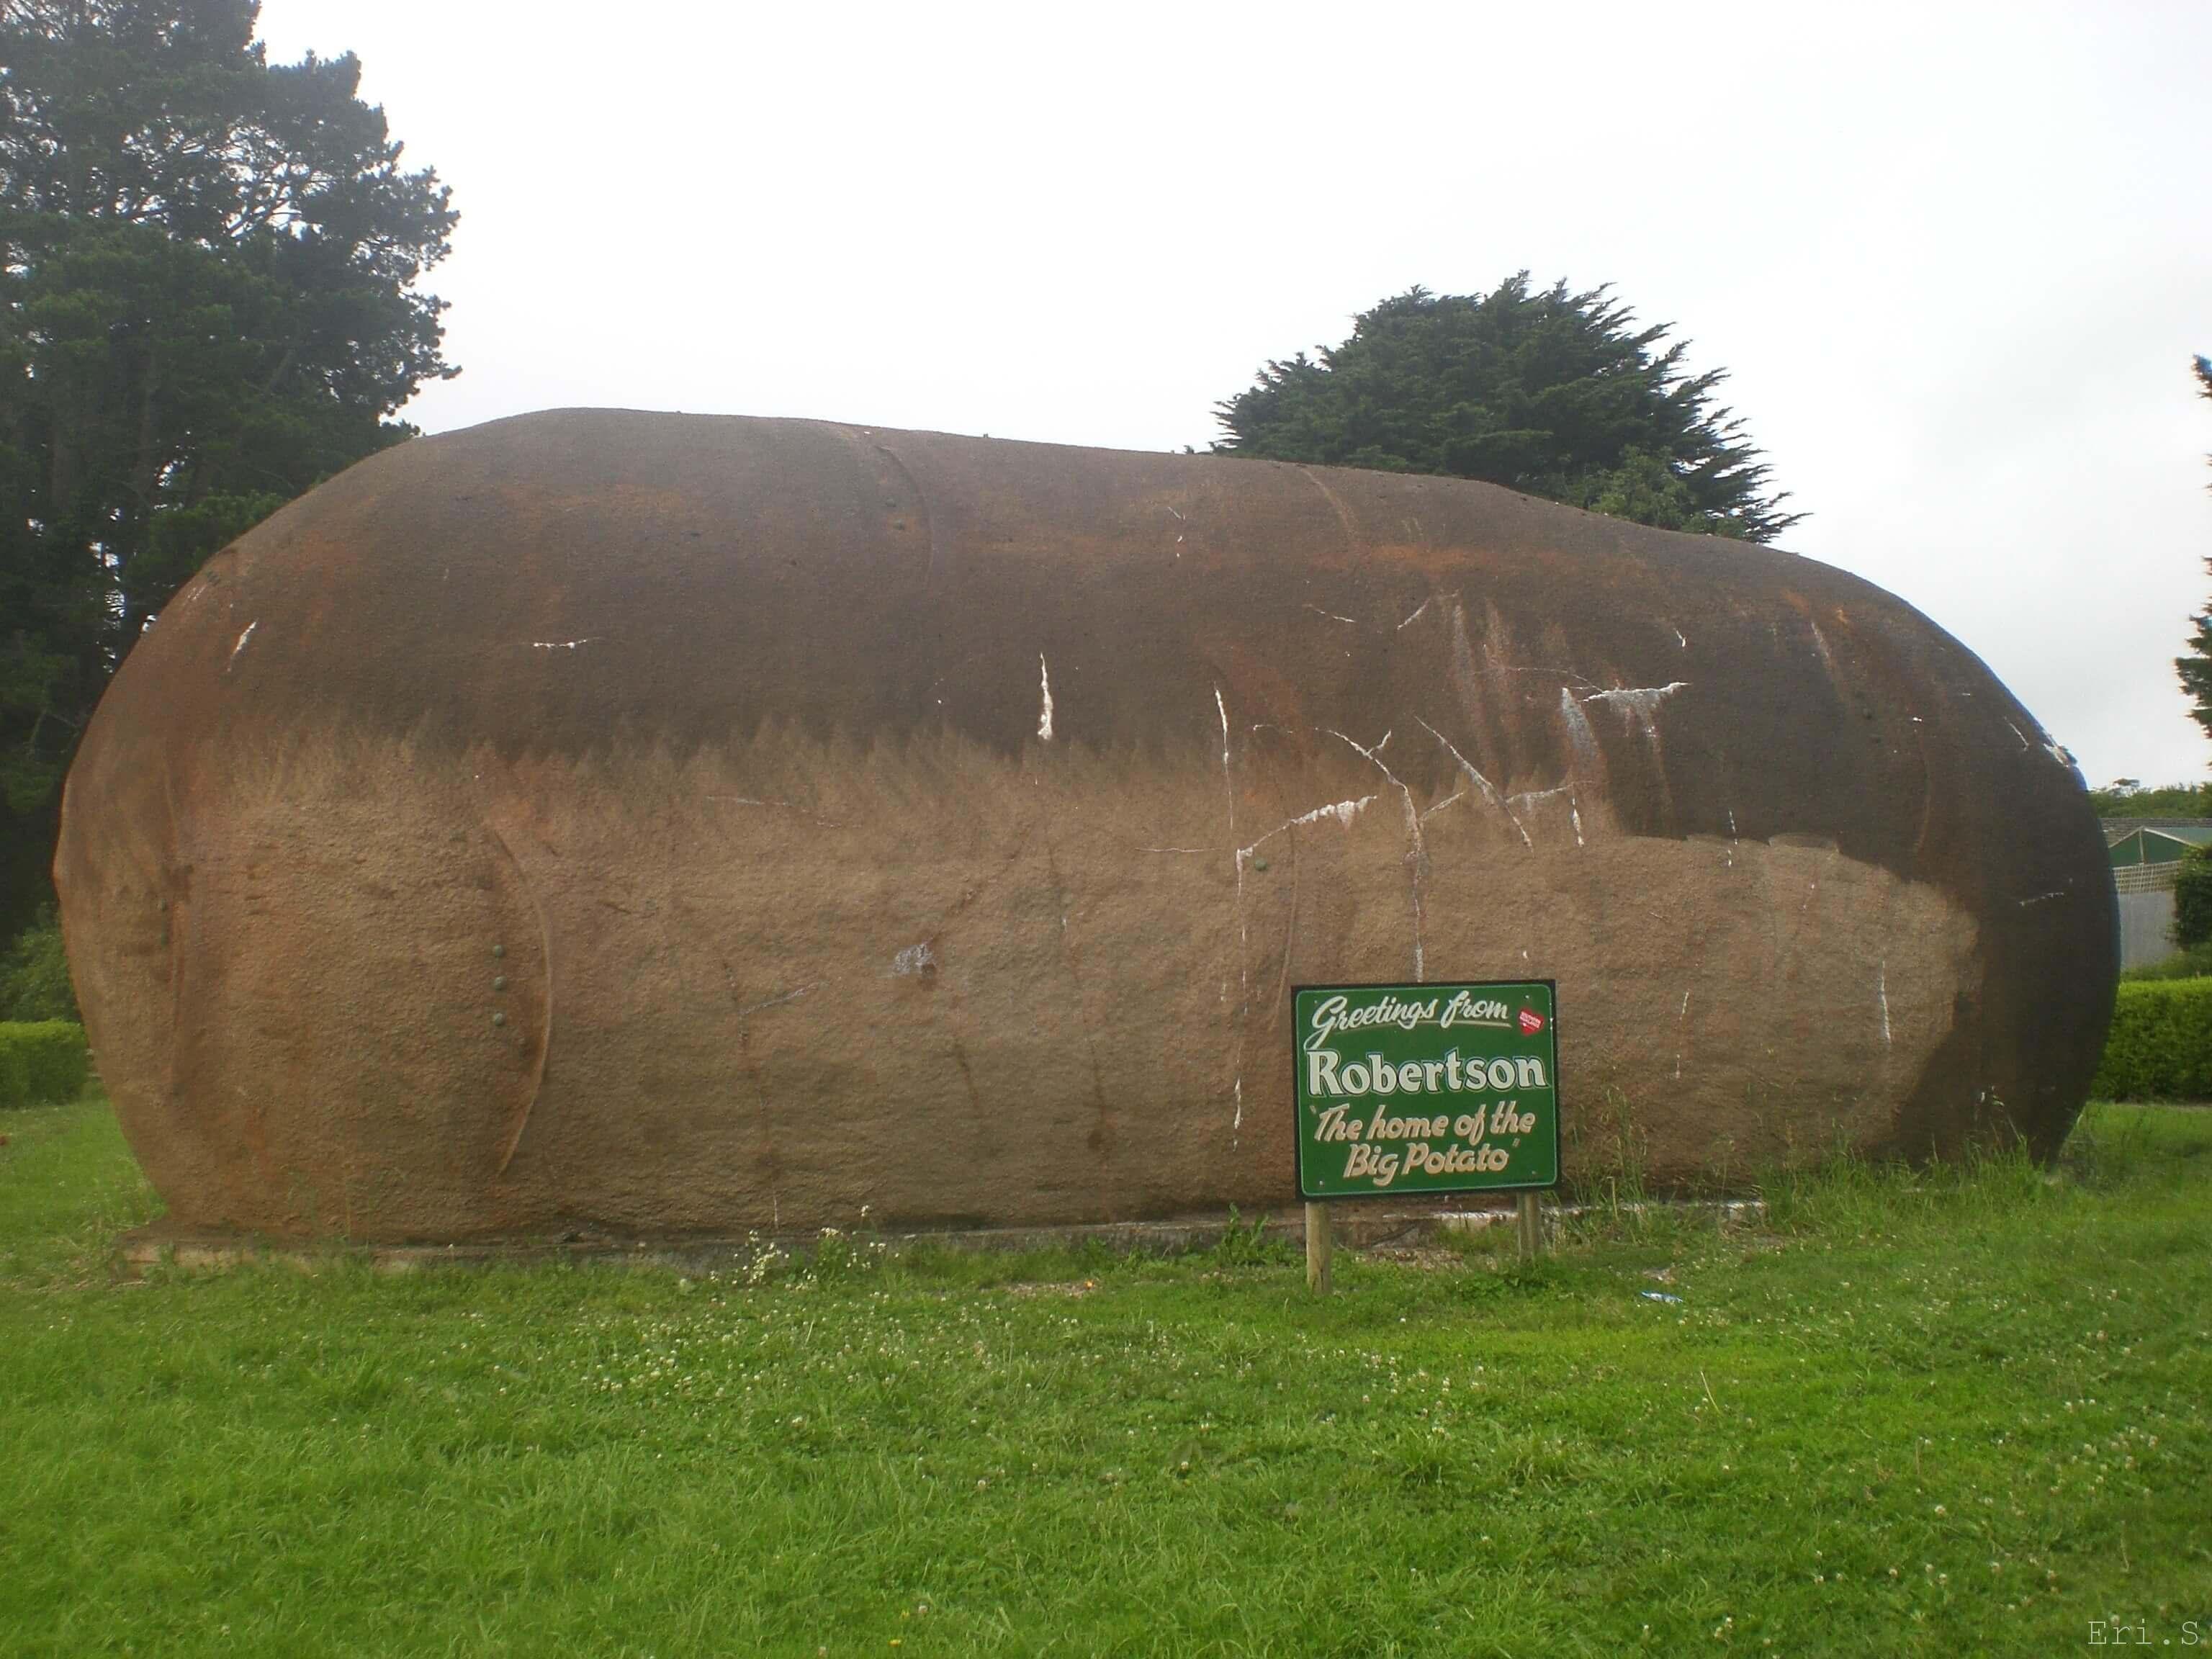 巨大なジャガイモ in Robertson